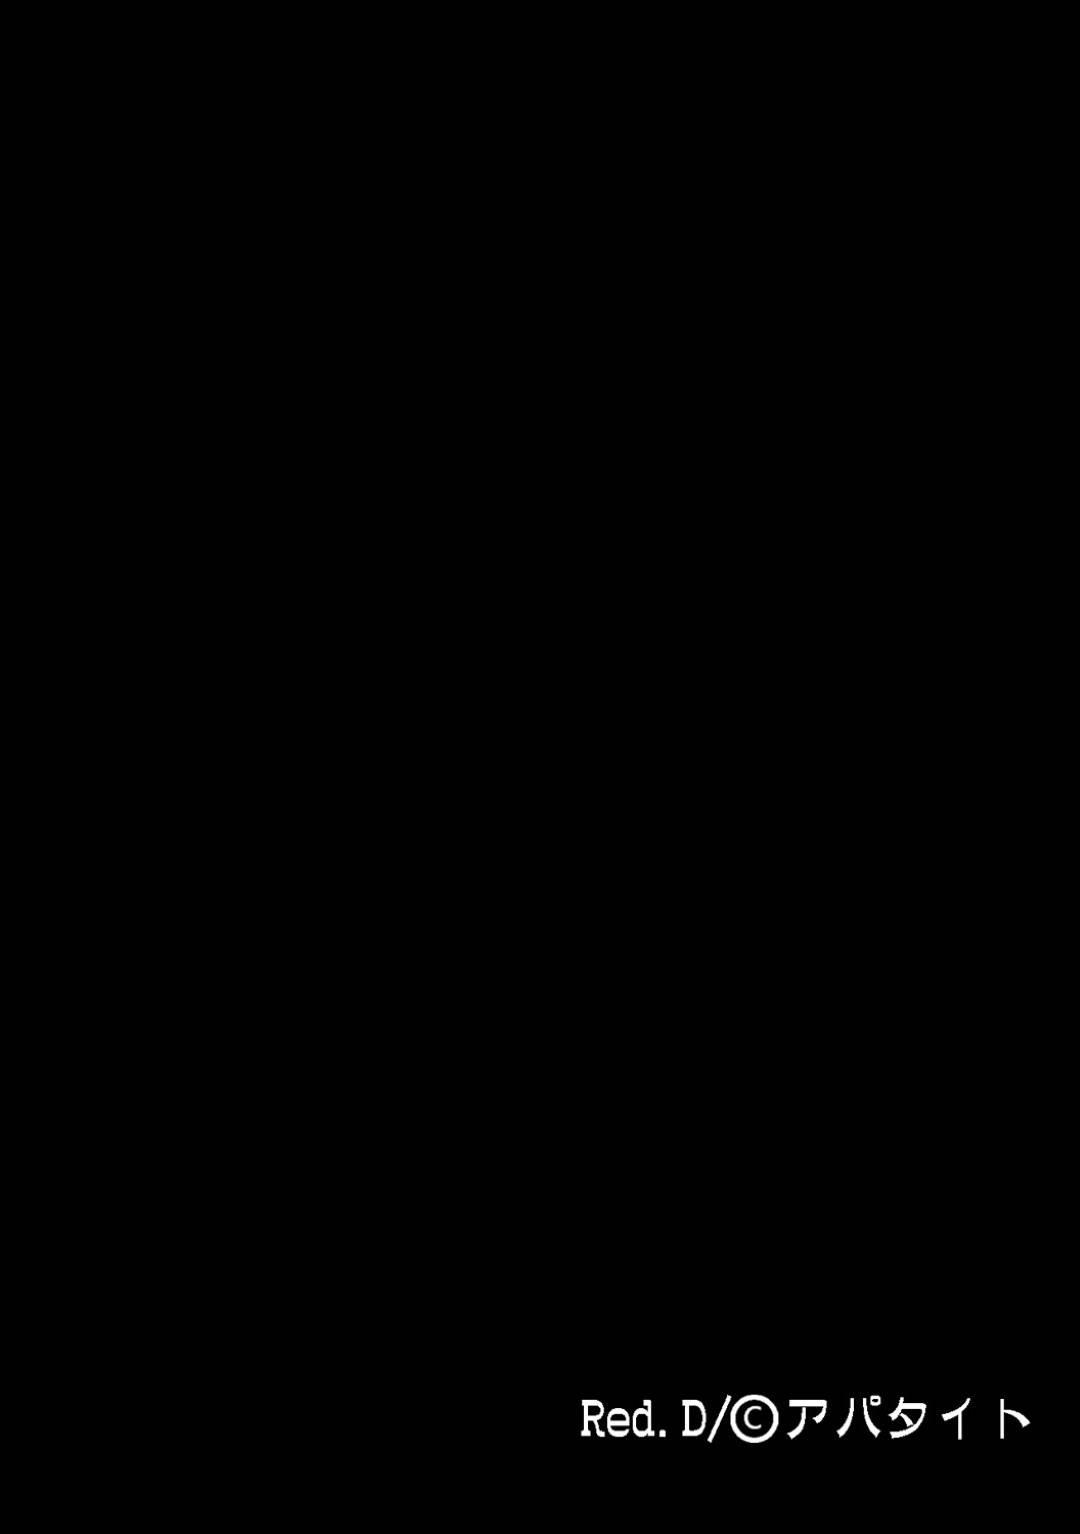 【エロ漫画】毎朝幼馴染を起こしに来てくれる美女JK…ある晩トイレに行こうとするとJKと幼馴染の父がセックスしていた!名前で呼び合い激しく求めあう場面を見て動揺する幼馴染!見られているとは知らずJKは絶頂潮吹き!【Red.D】